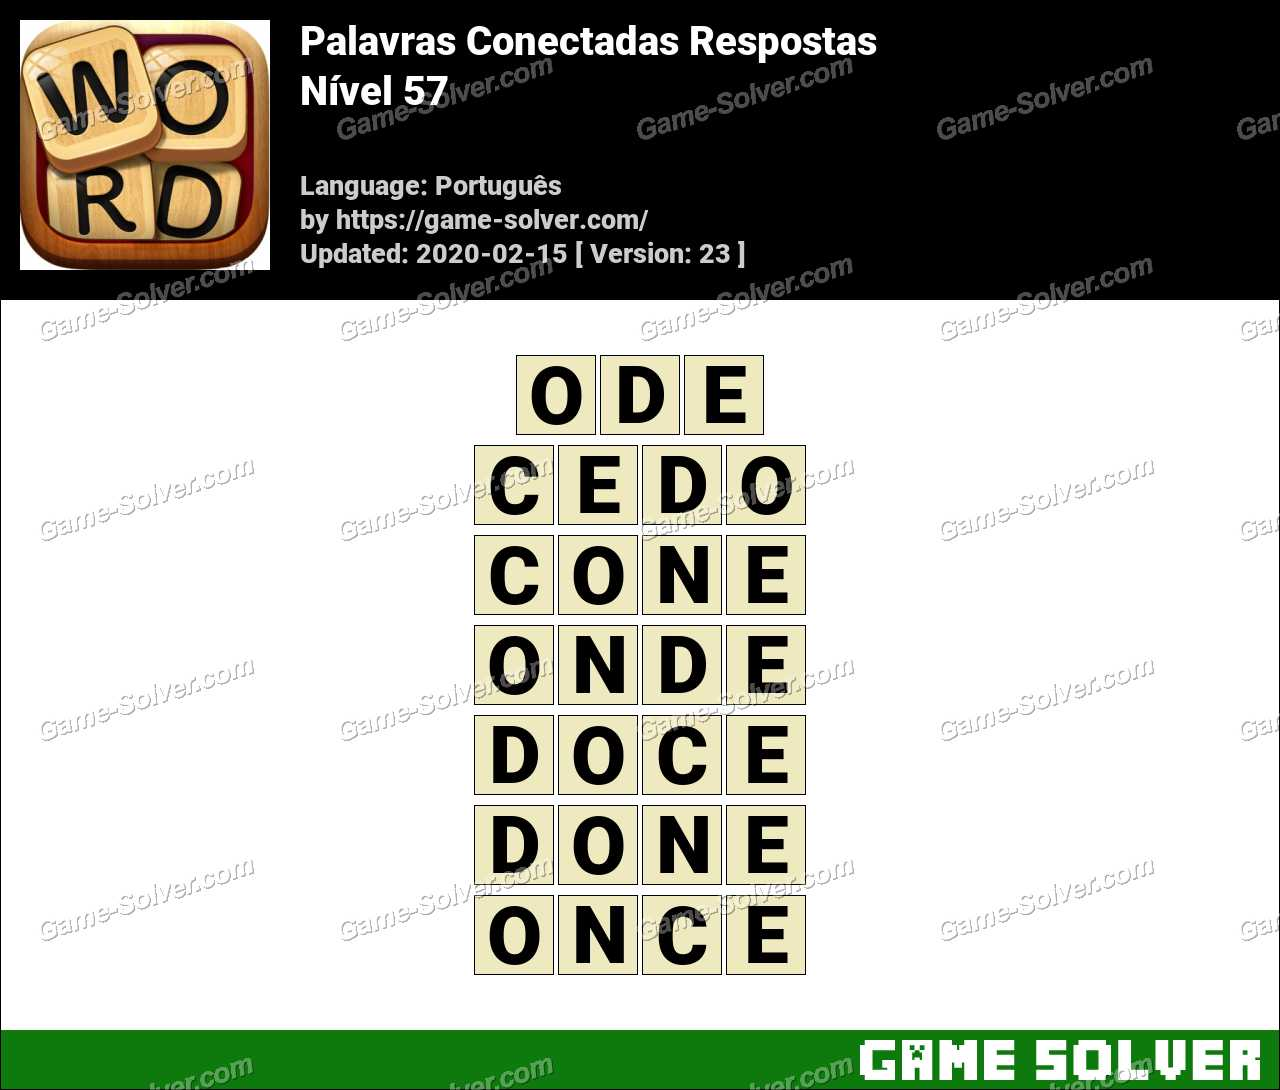 Palavras Conectadas Nivel 57 Respostas